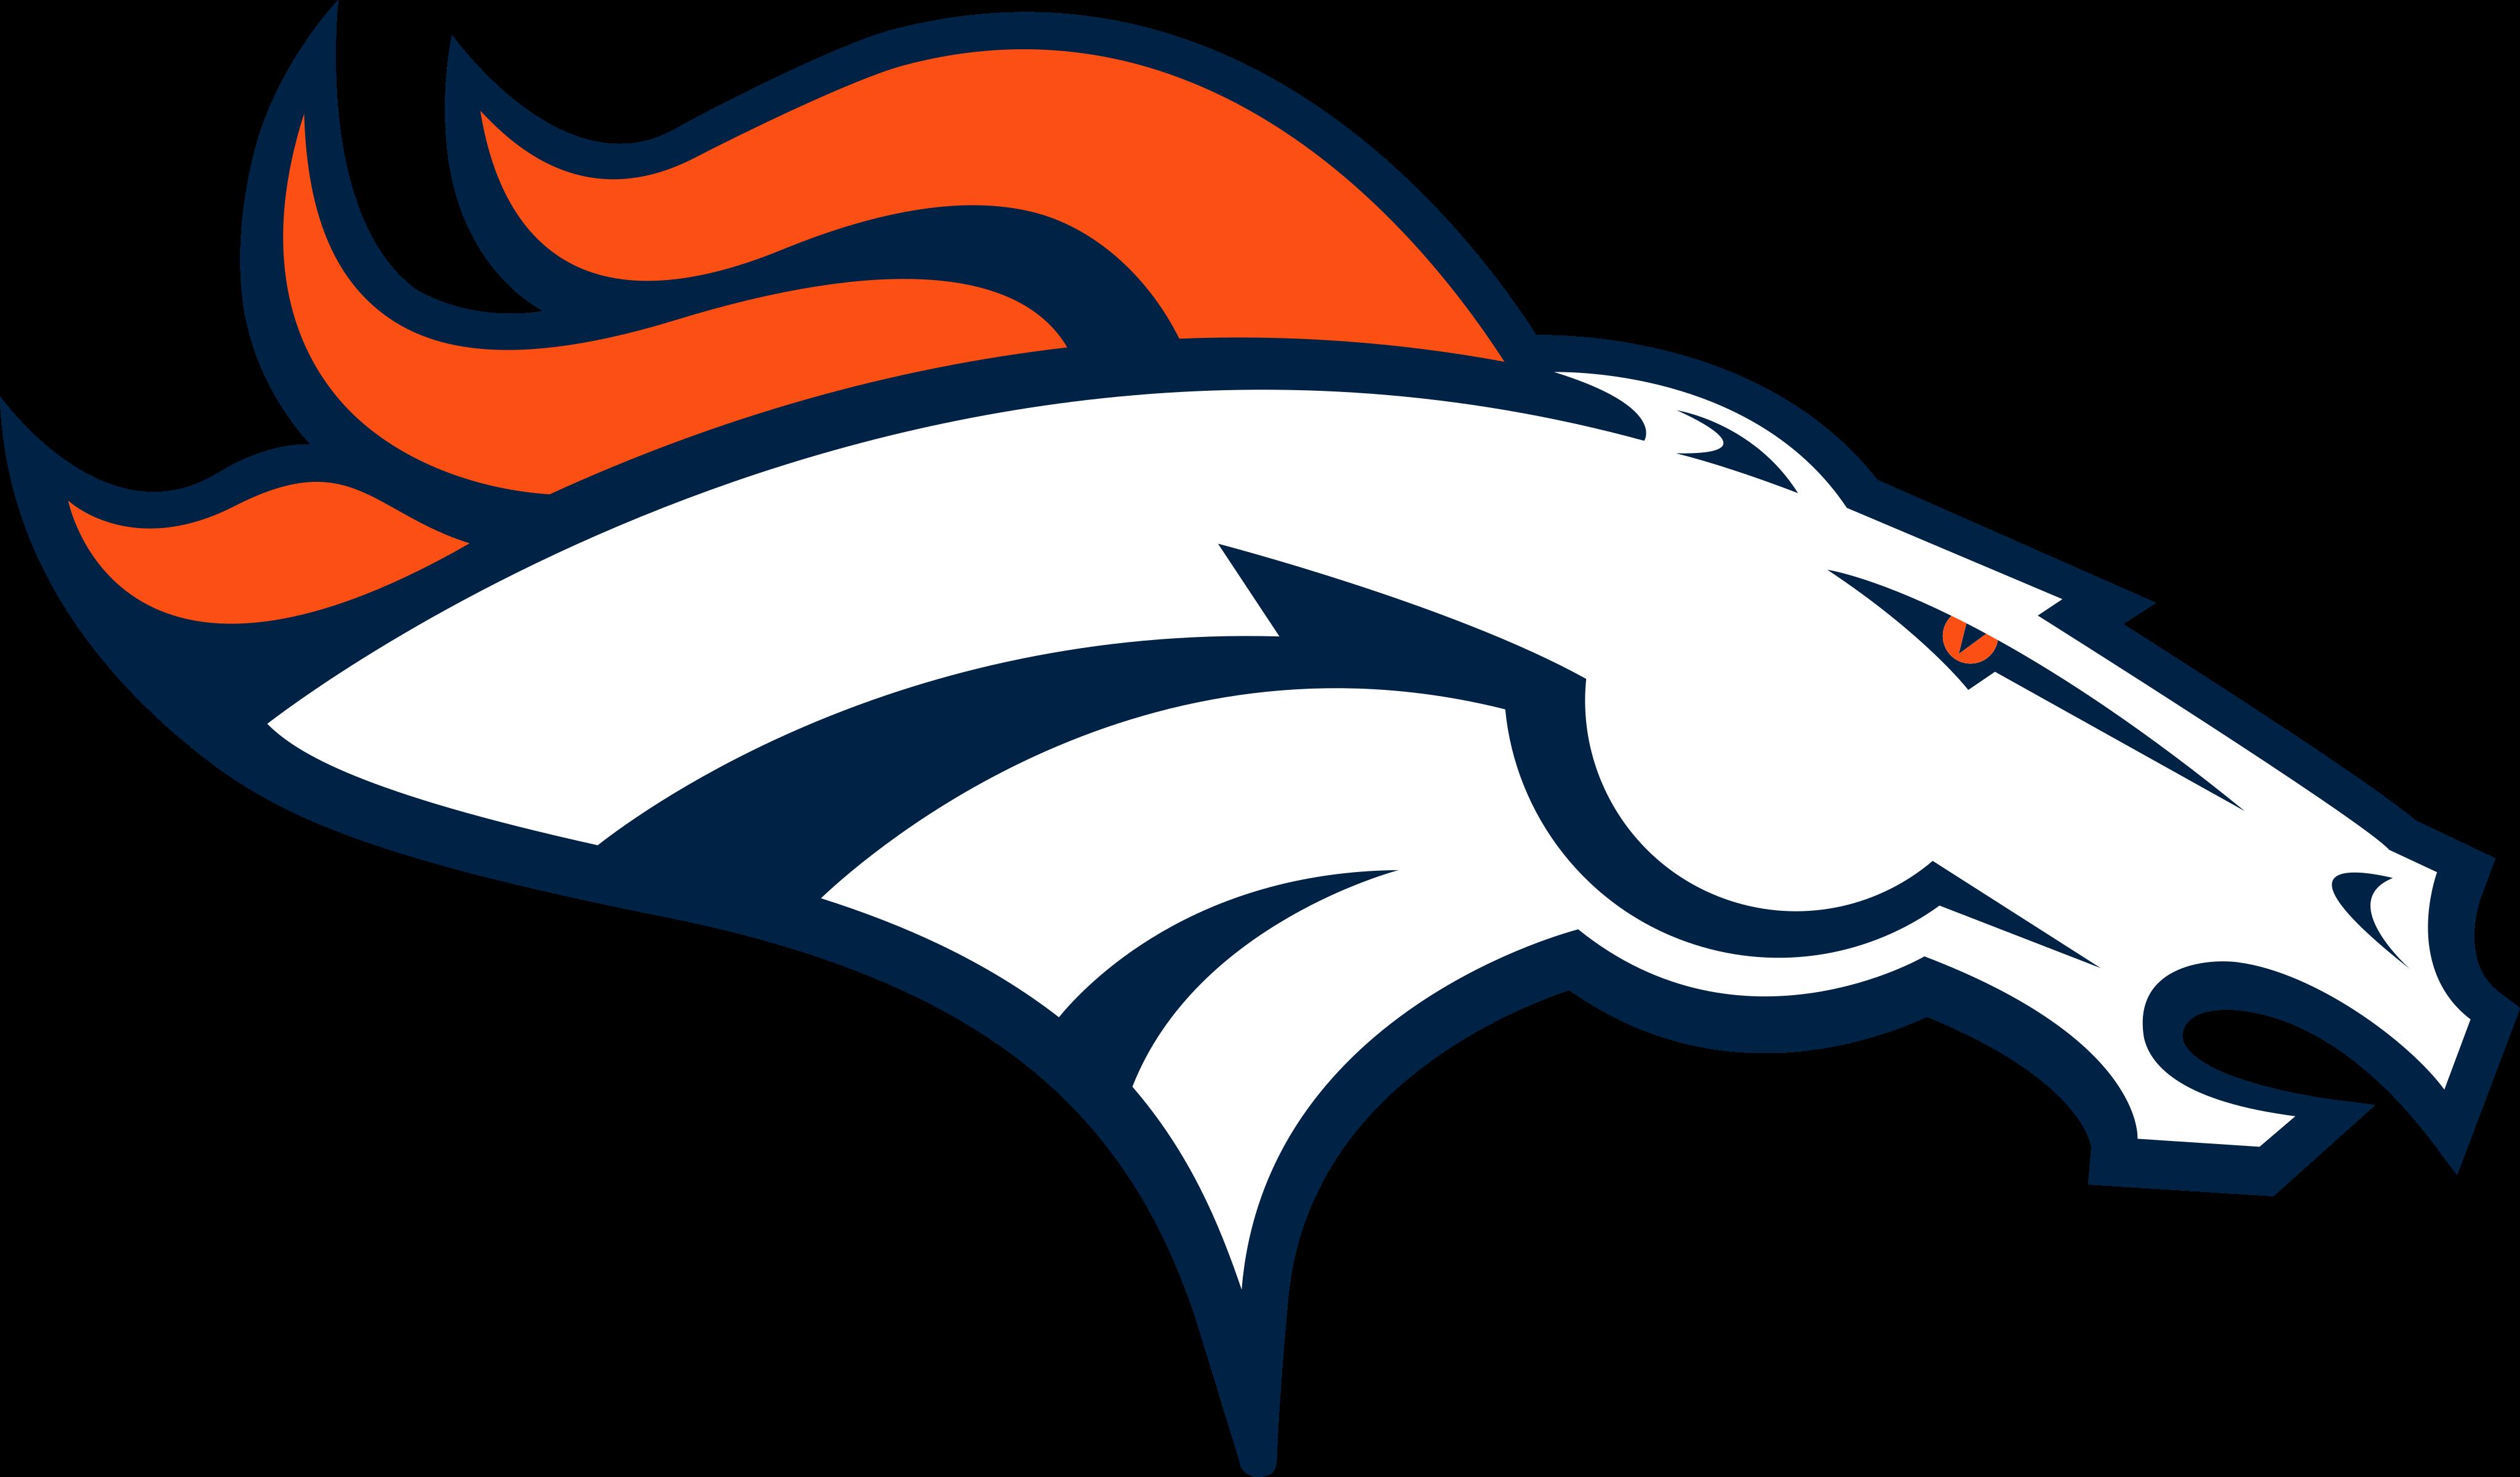 denver broncos logo 1 - Denver Broncos Logo